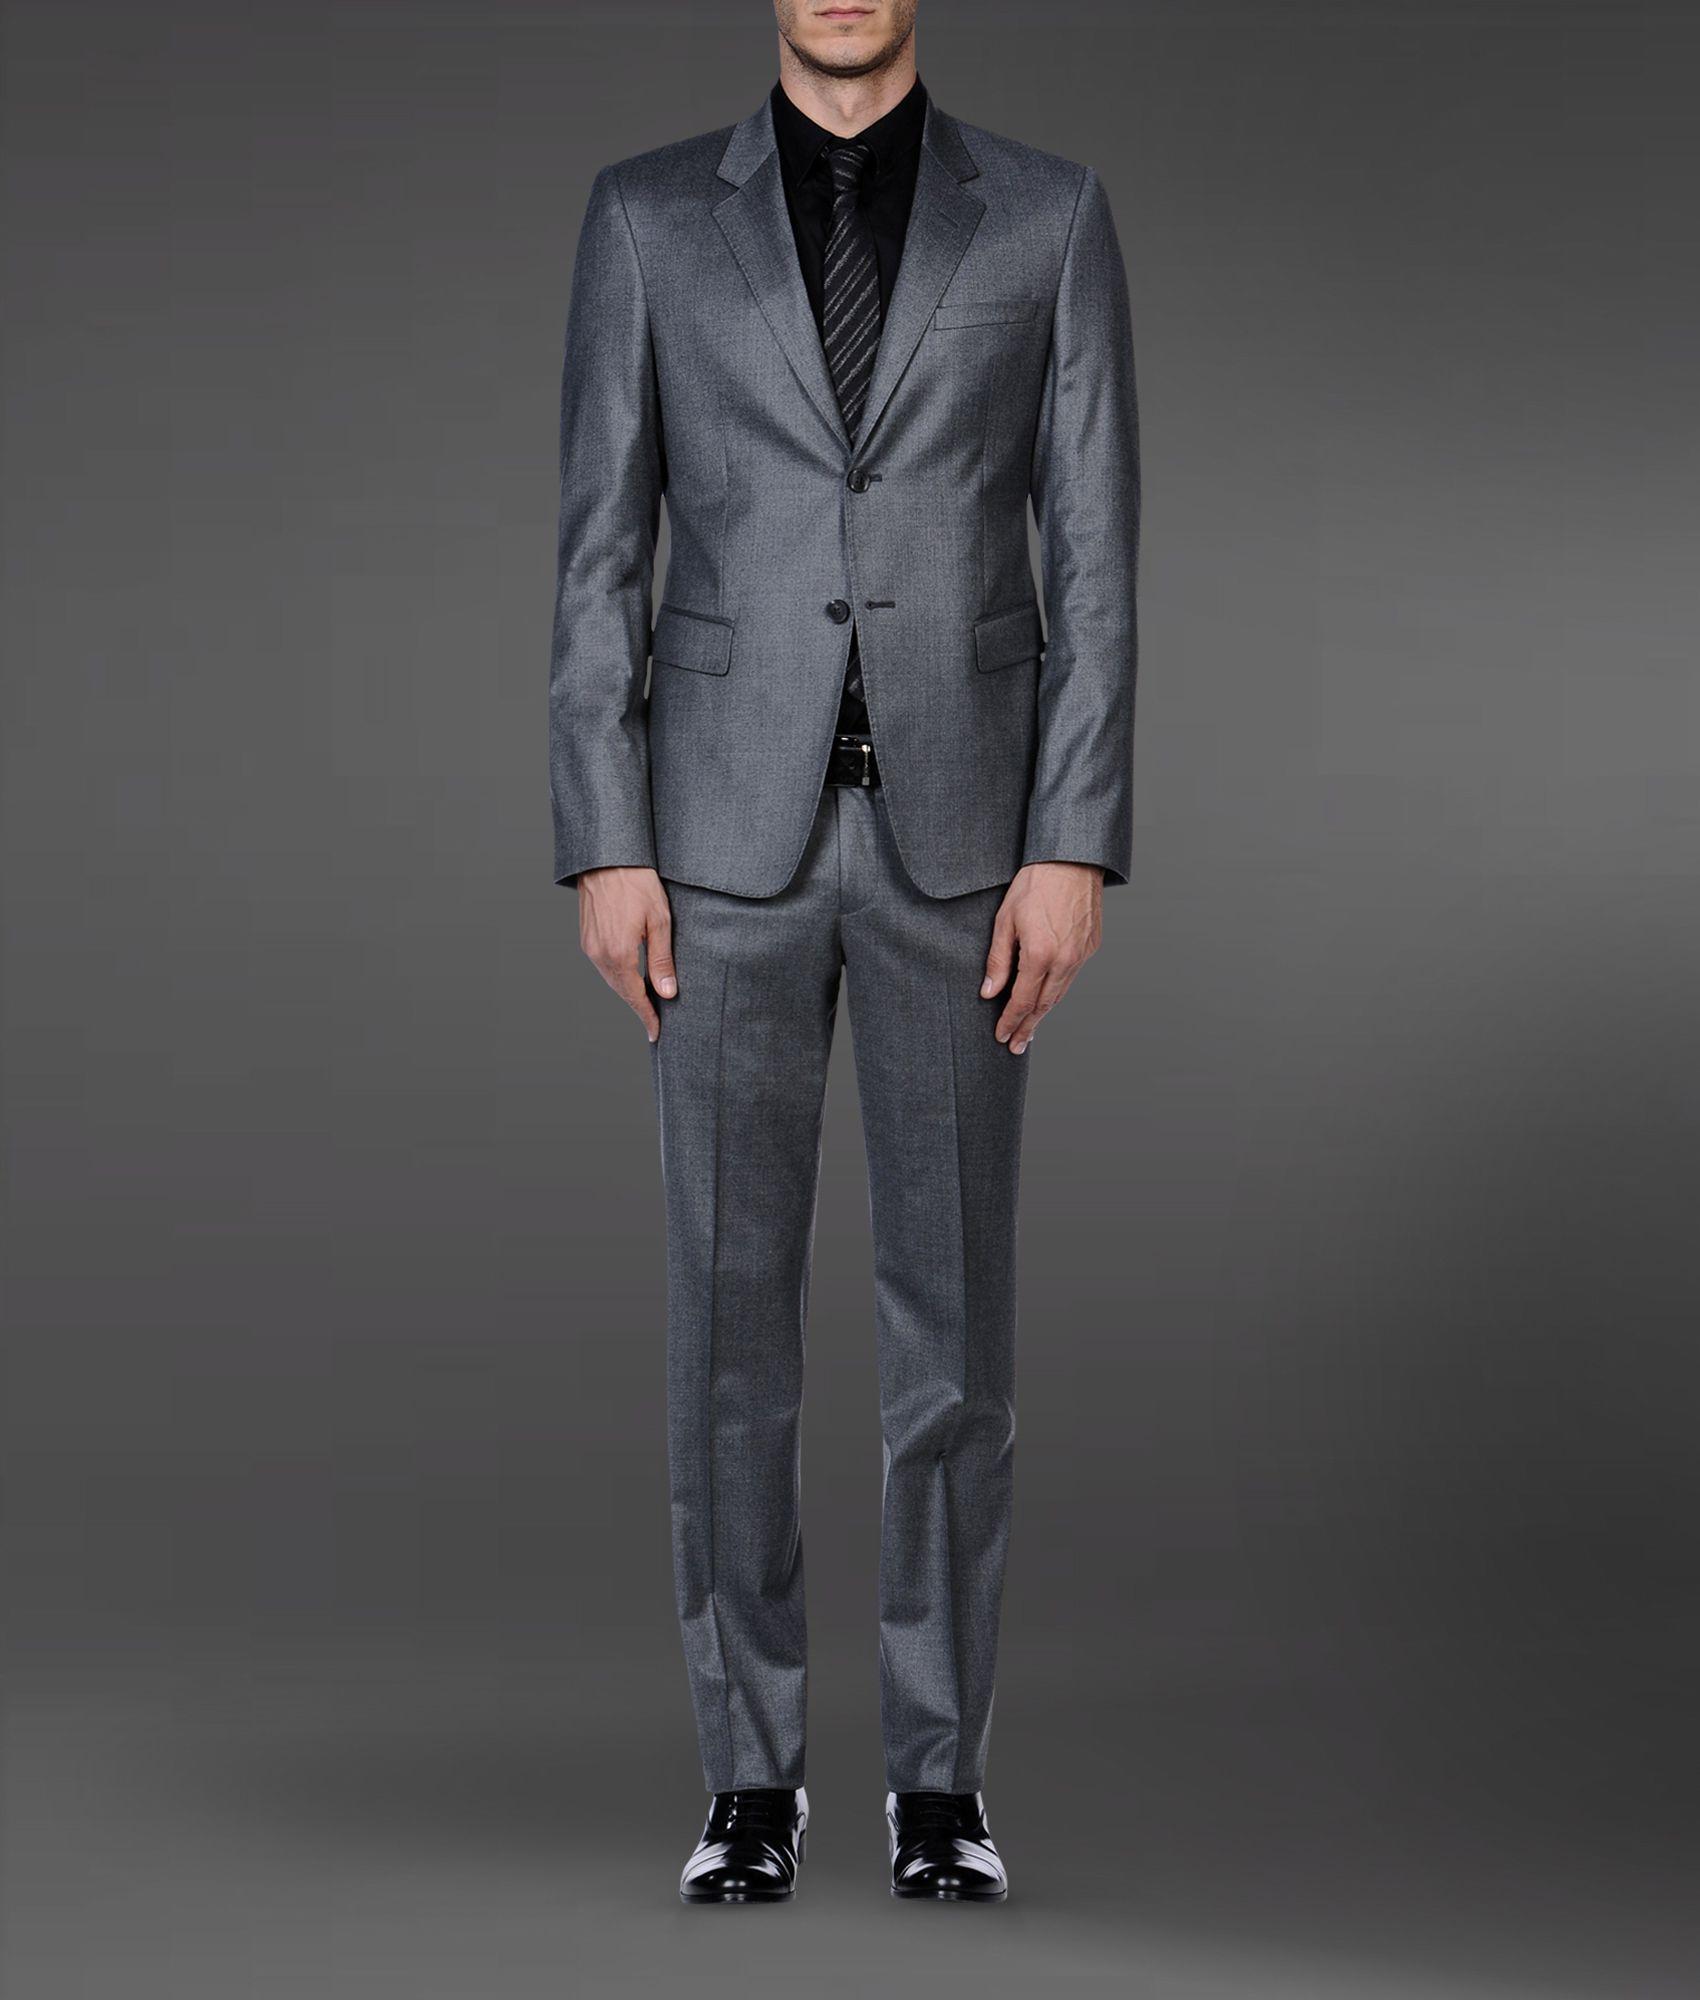 Emporio Armani Suit Sale Off 71 Www Amarkotarim Com Tr